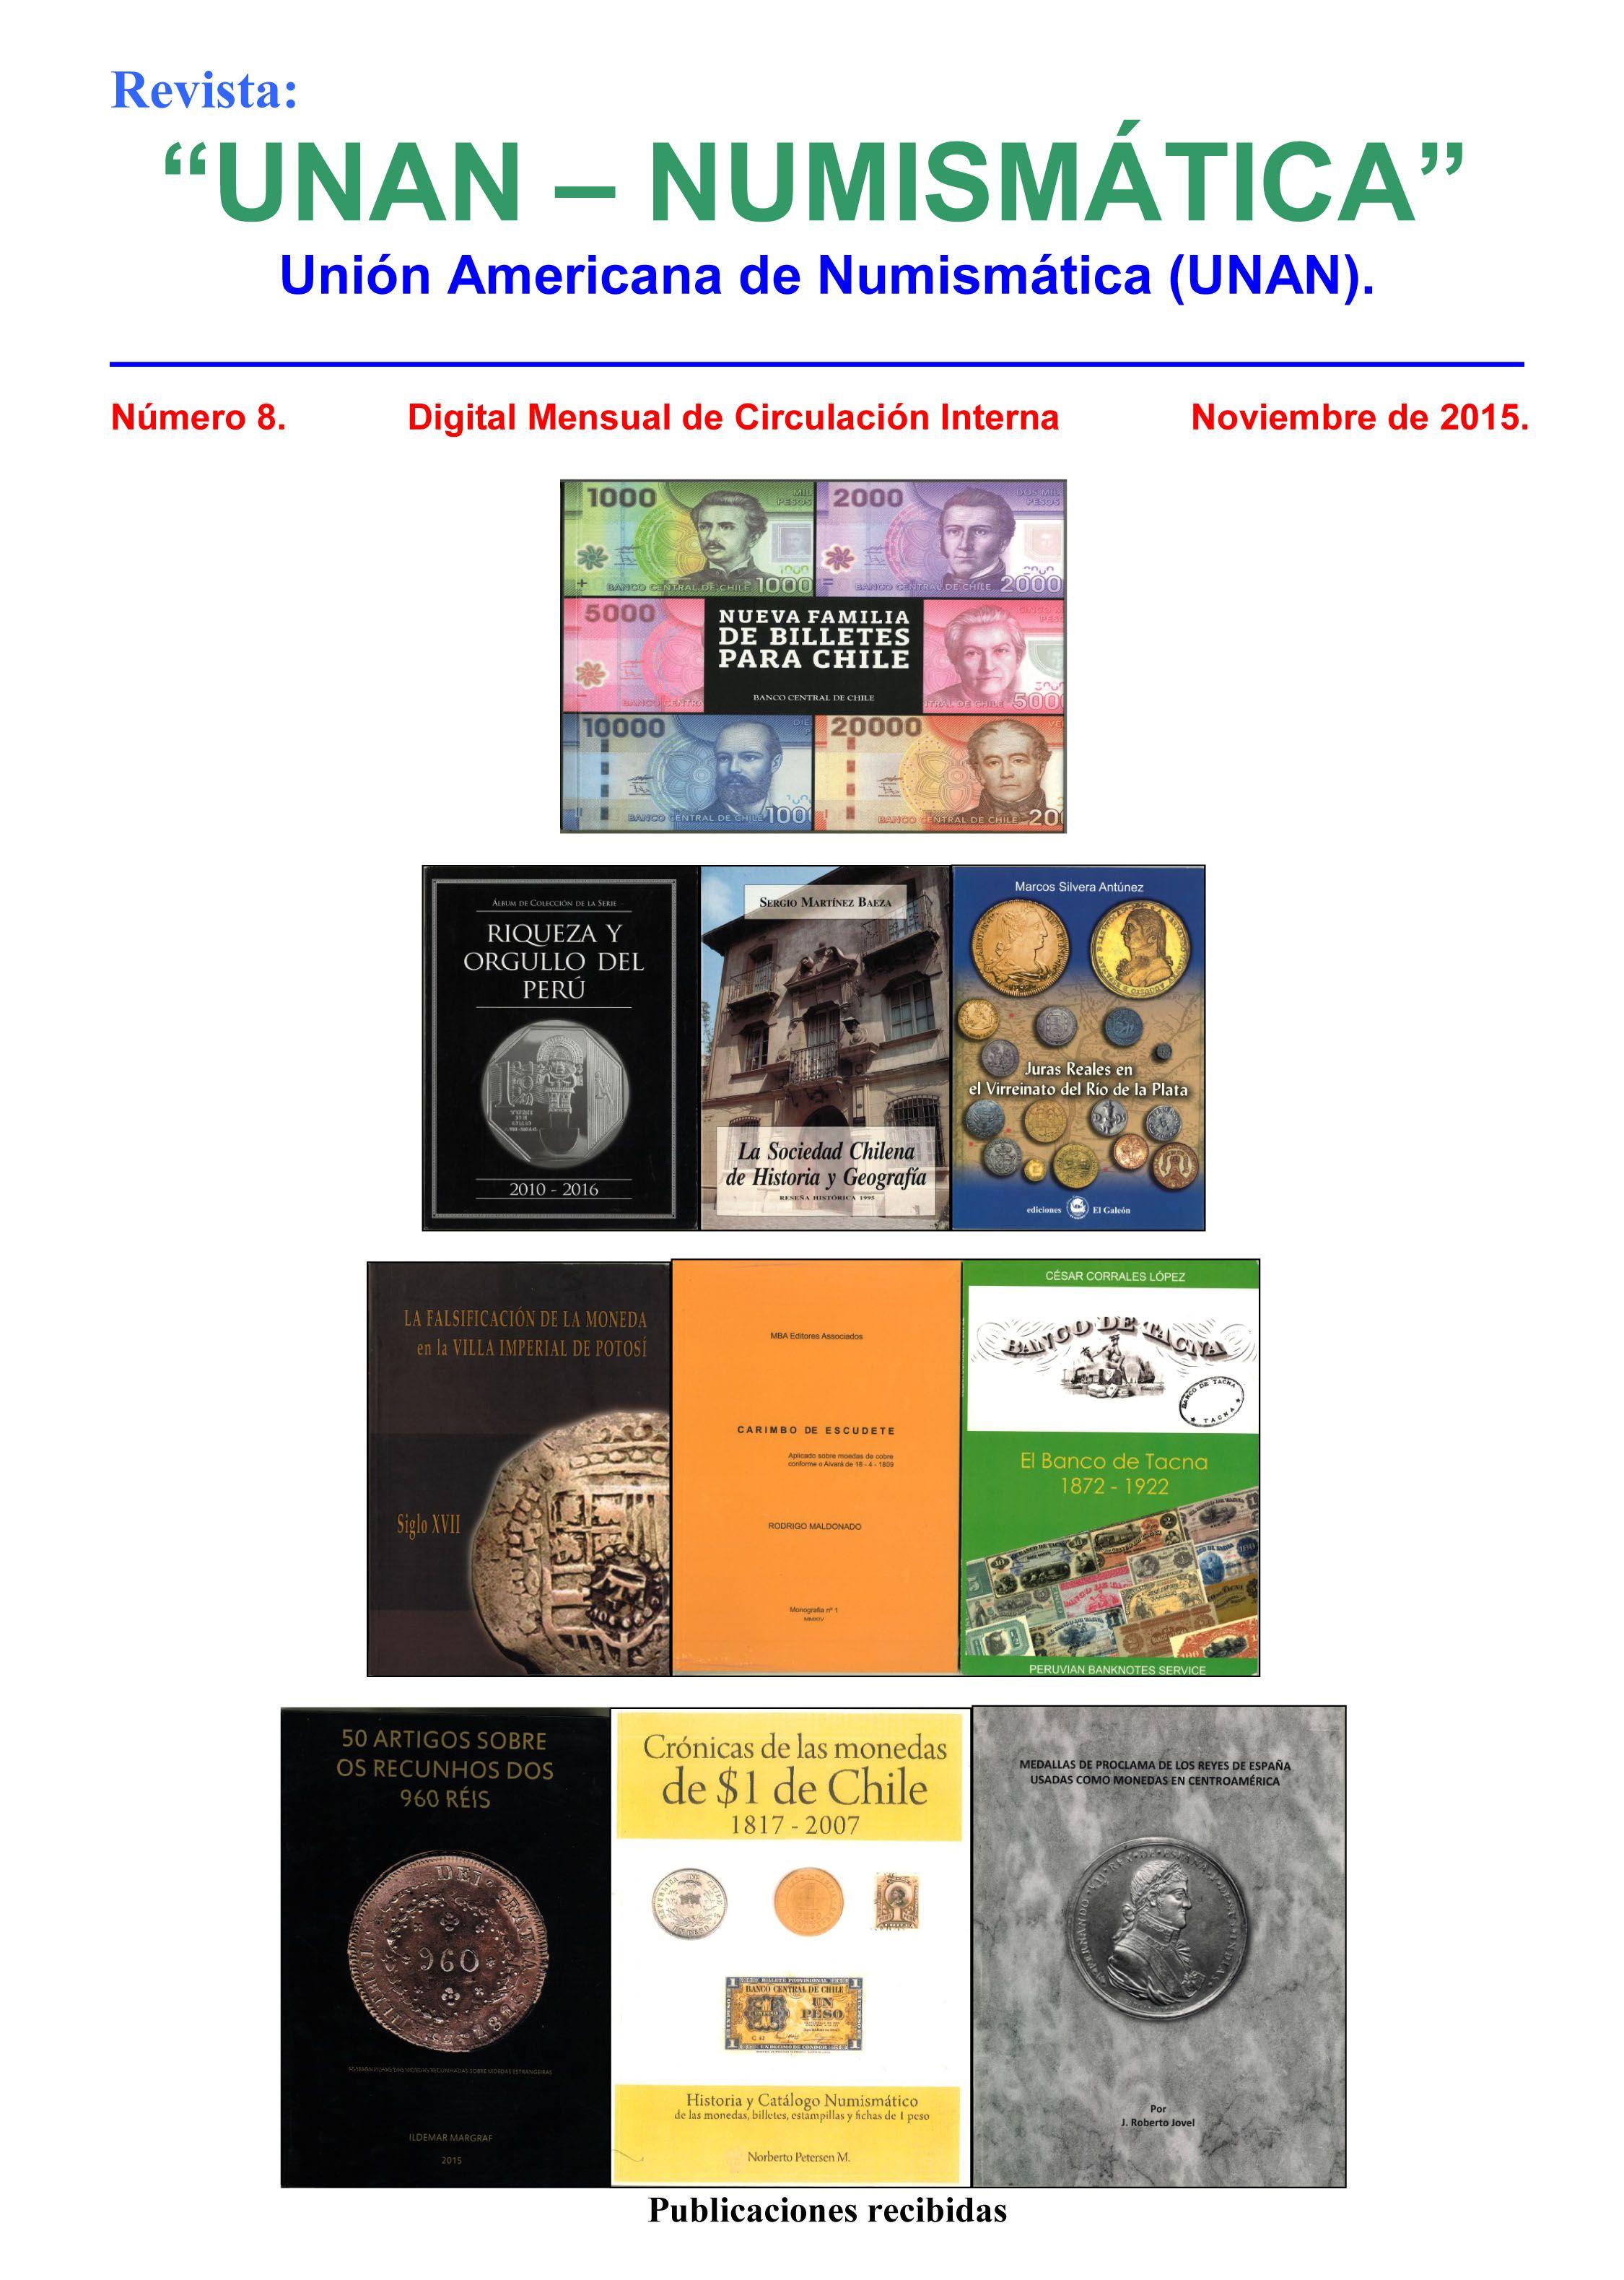 Recibimos y compartimos el boletín digital No. 8 de la Unión Americana de Numismática (UNAN). Puede descargarse de nuestra Biblioteca Digital: http://www.monedasuruguay.com/bib/bib/unan/unan08.pdf